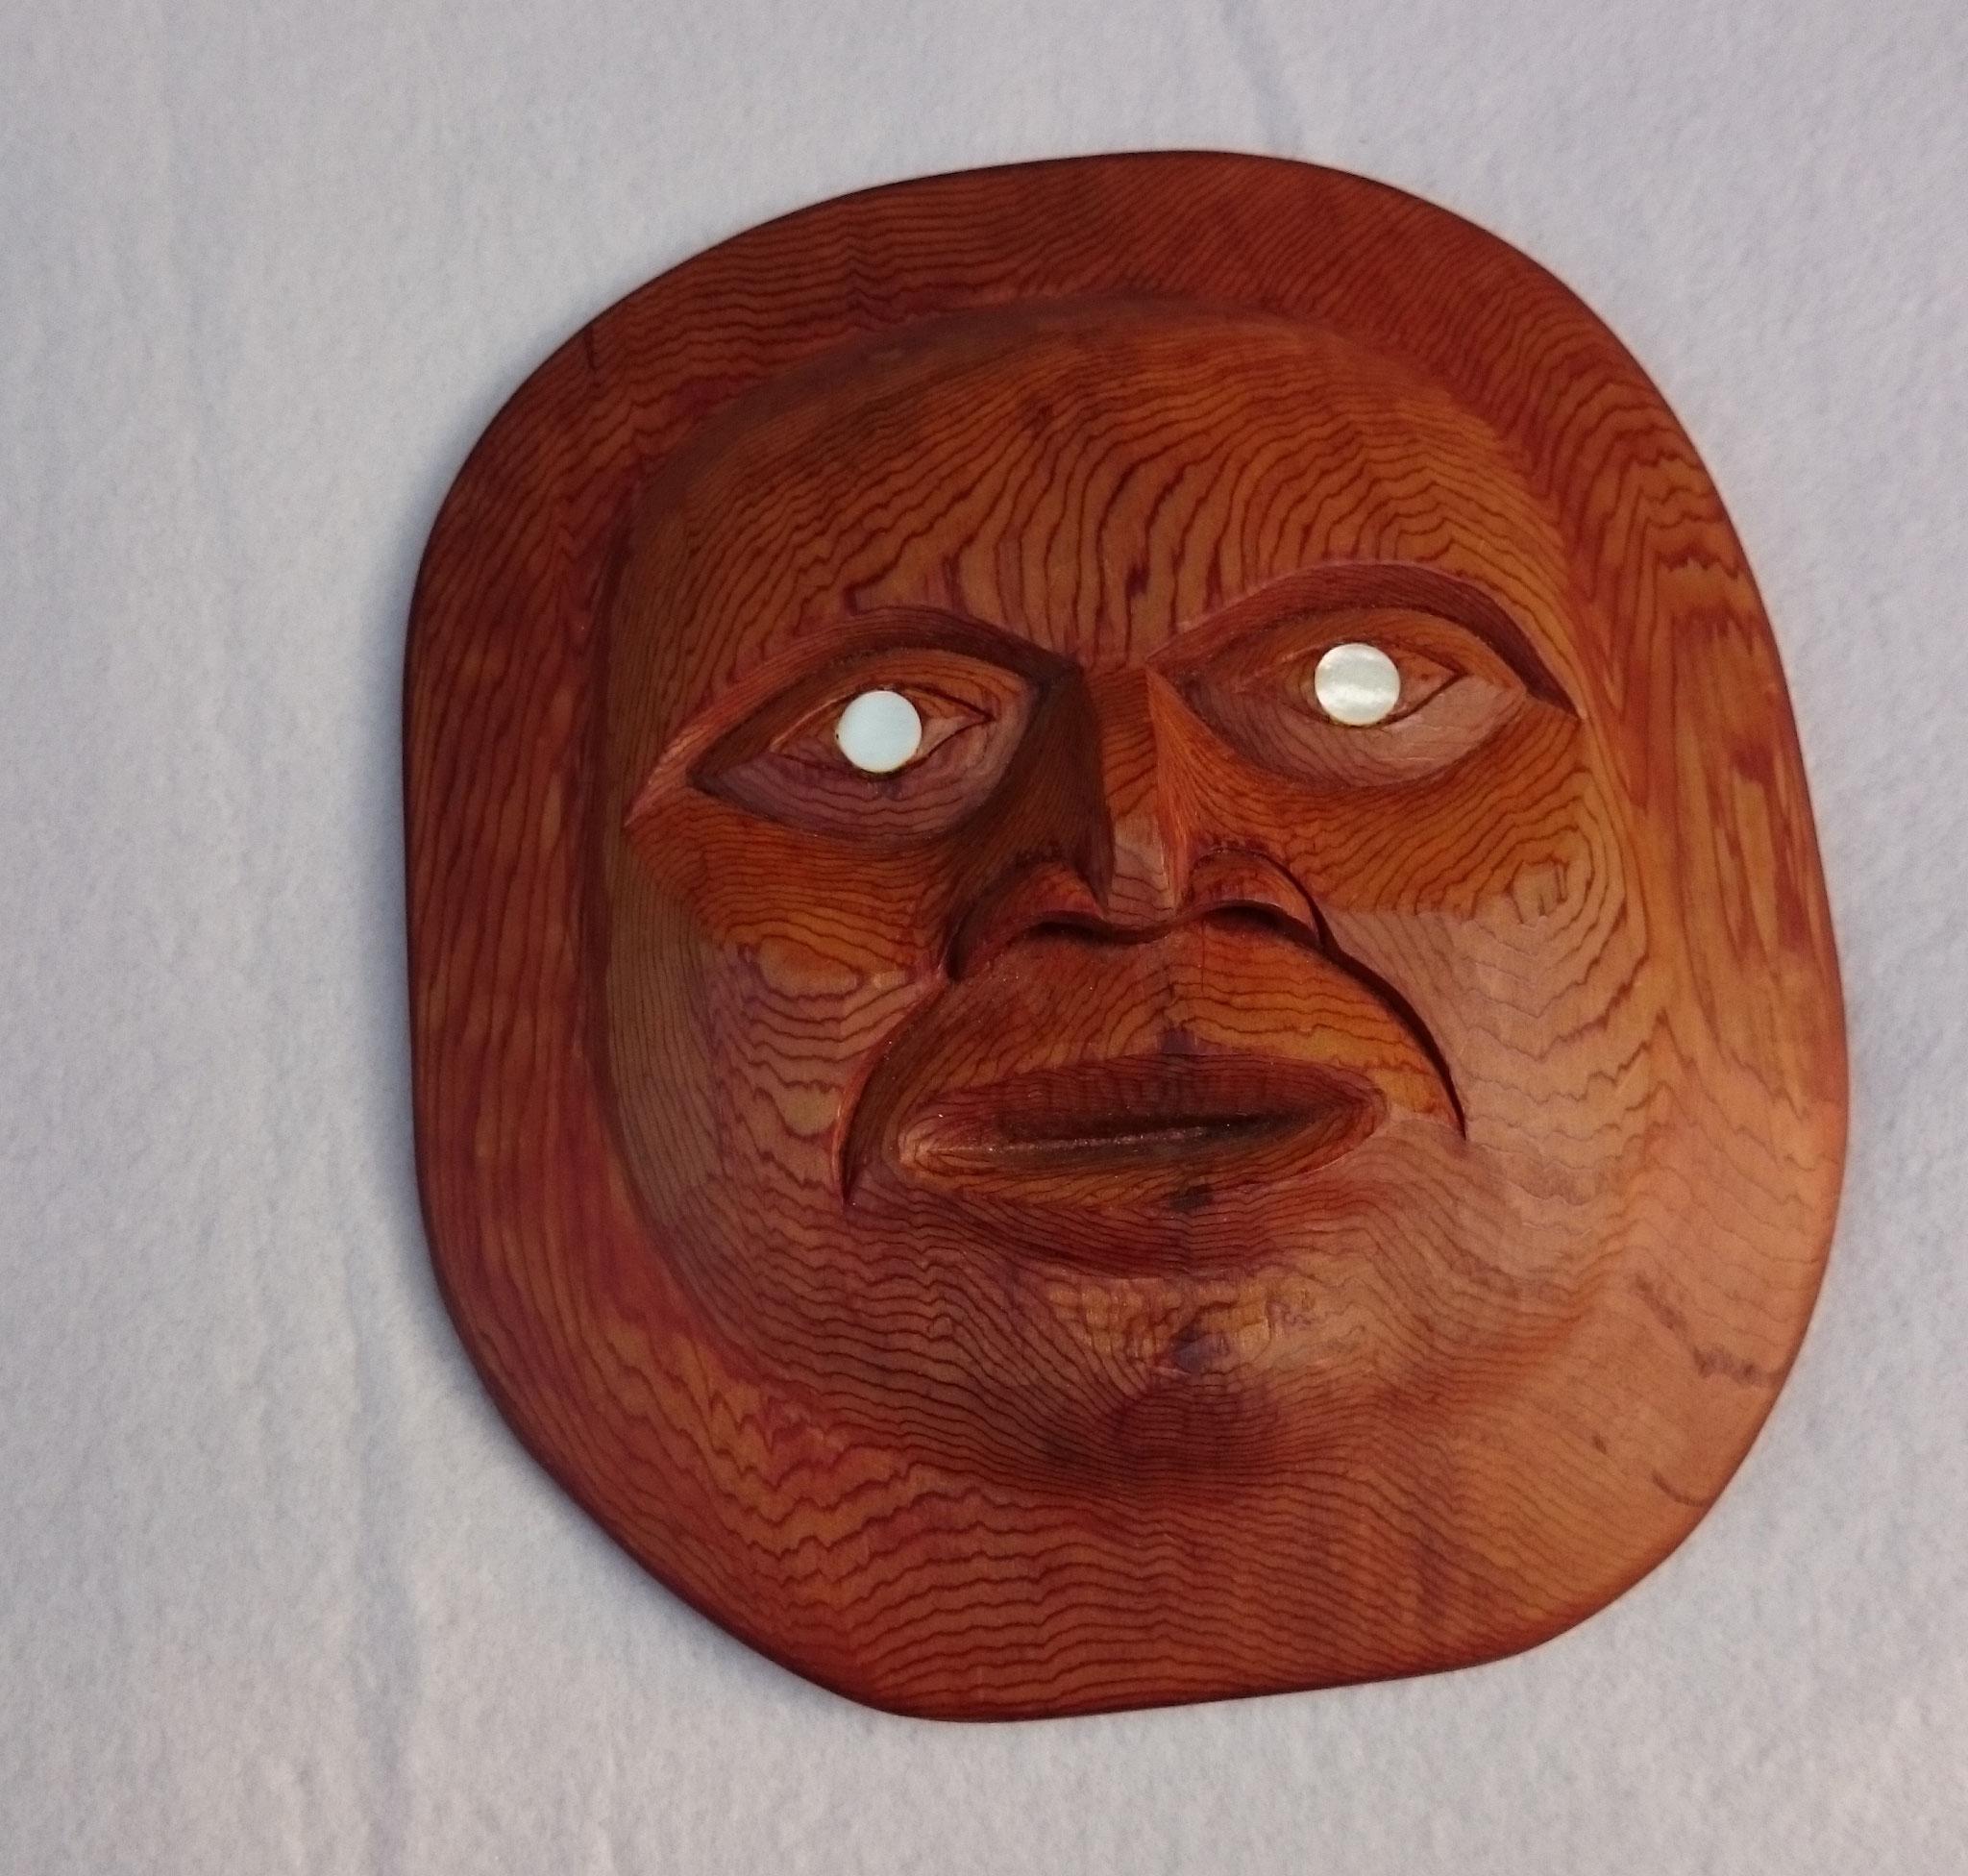 Motiv: Mond, western red cedar mit Perlmutteinlage